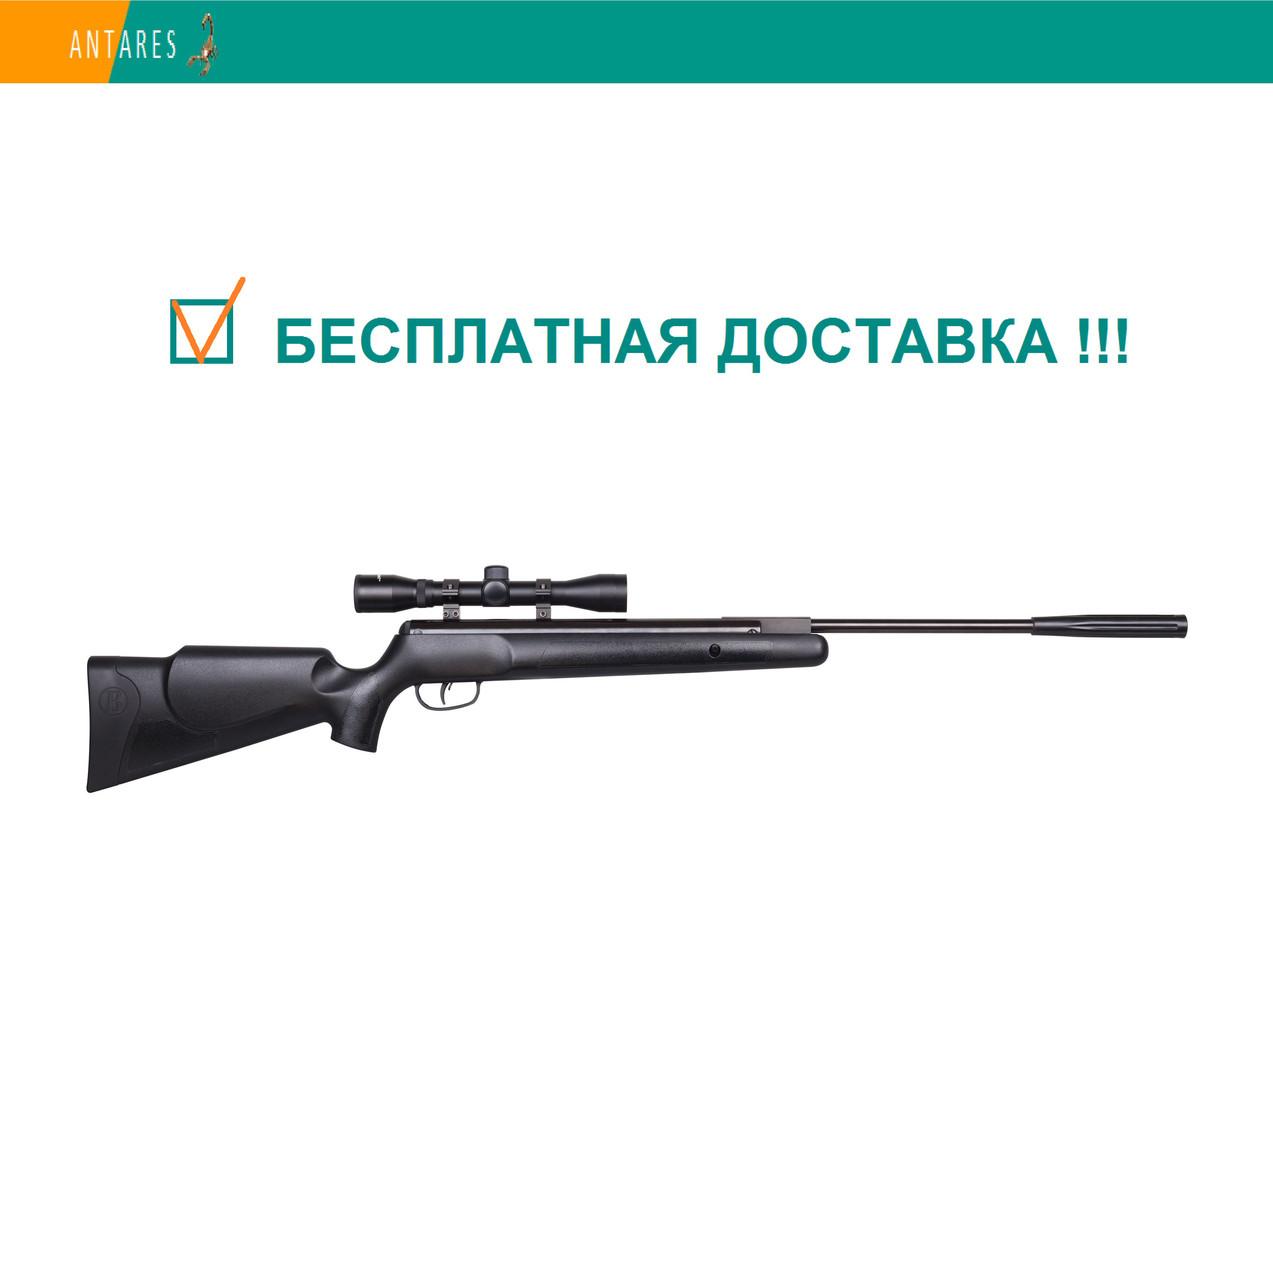 Пневматическая винтовка Crosman Benjamin Prowler NP RM BPNP17X с ОП 4x32 газовая пружина 305 м/с